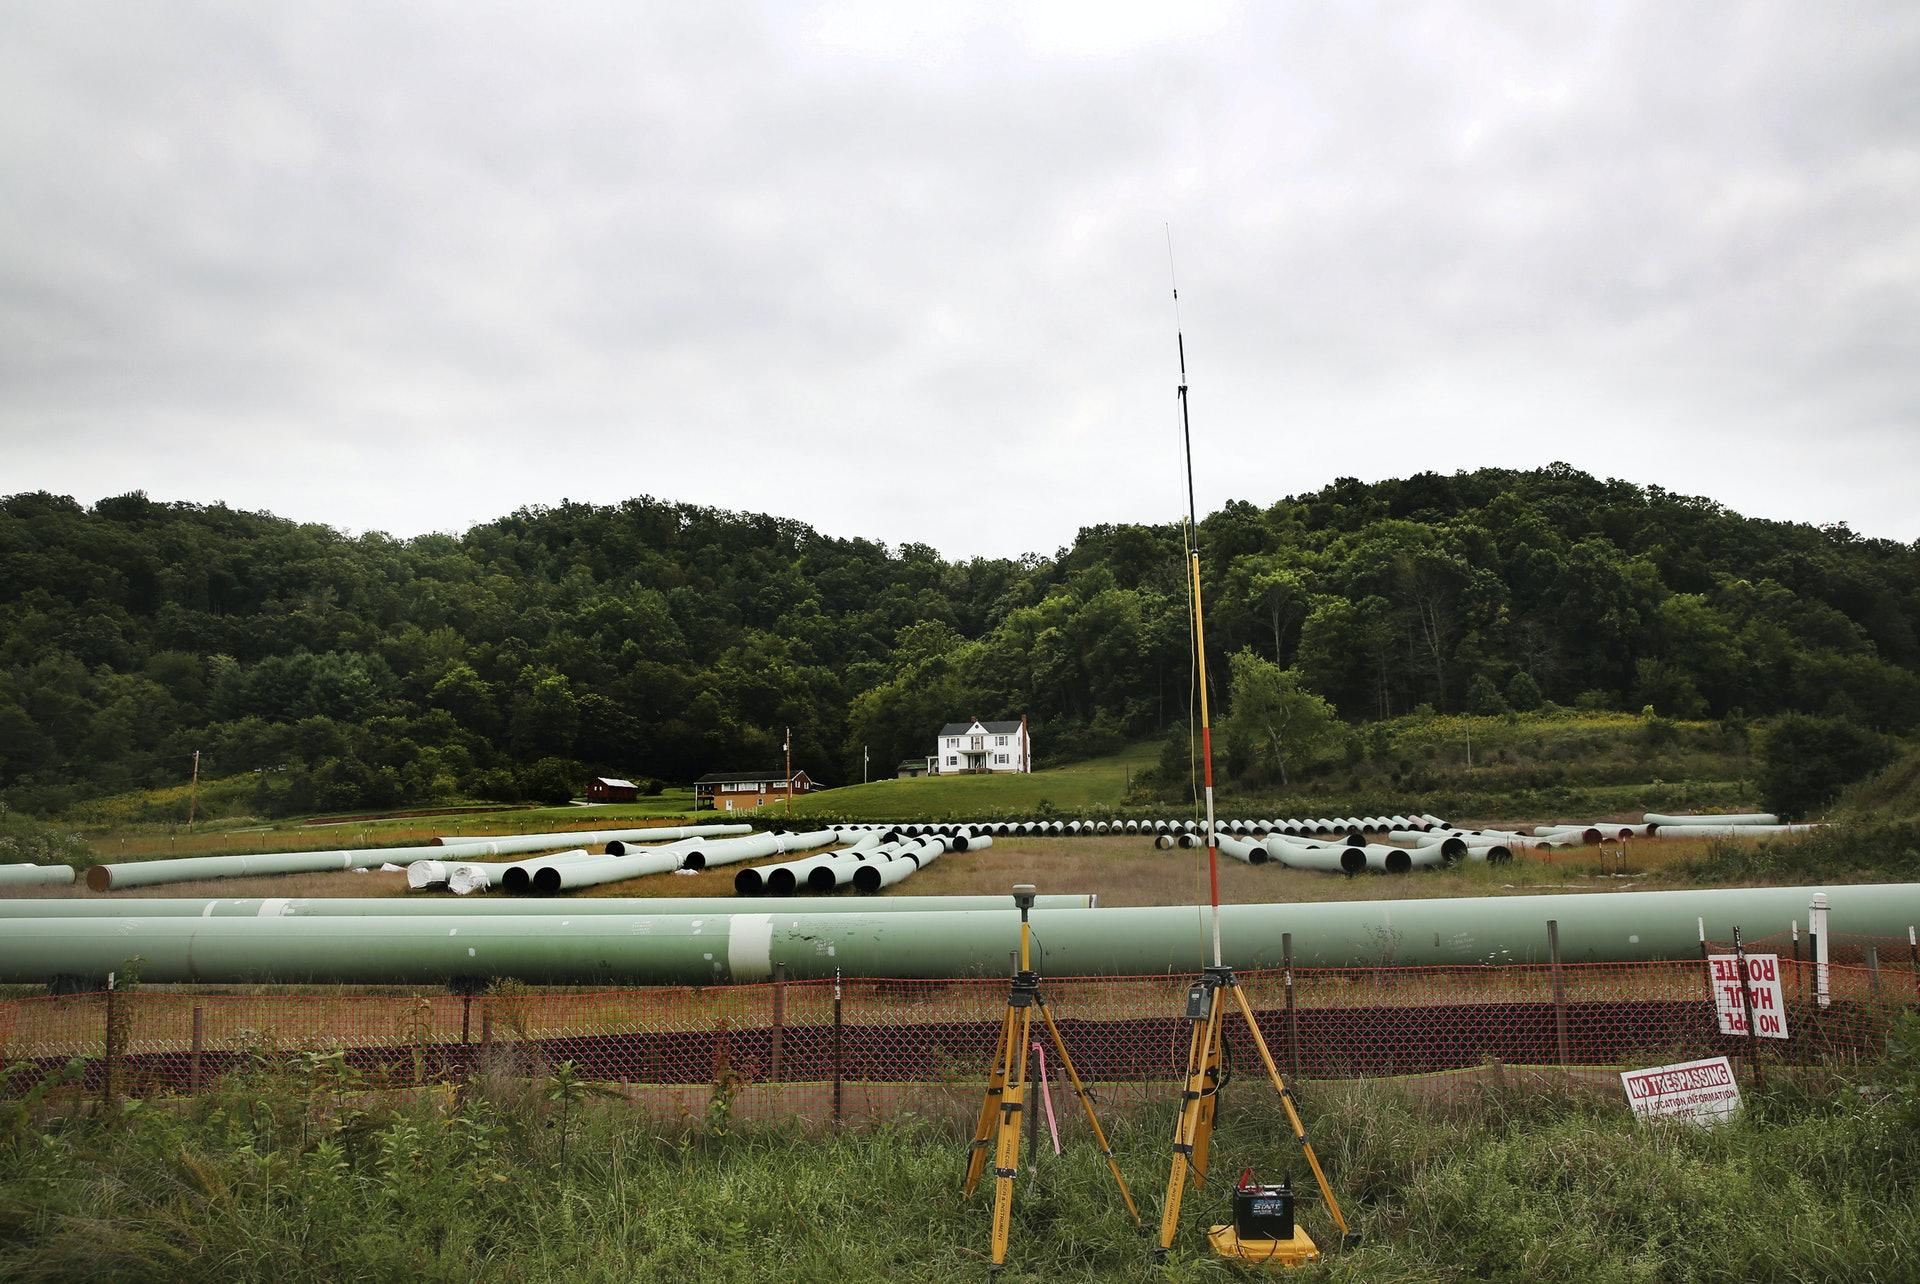 取消美加基石(Keystone XL)輸油管項目對加拿大經濟影響大。(AP)